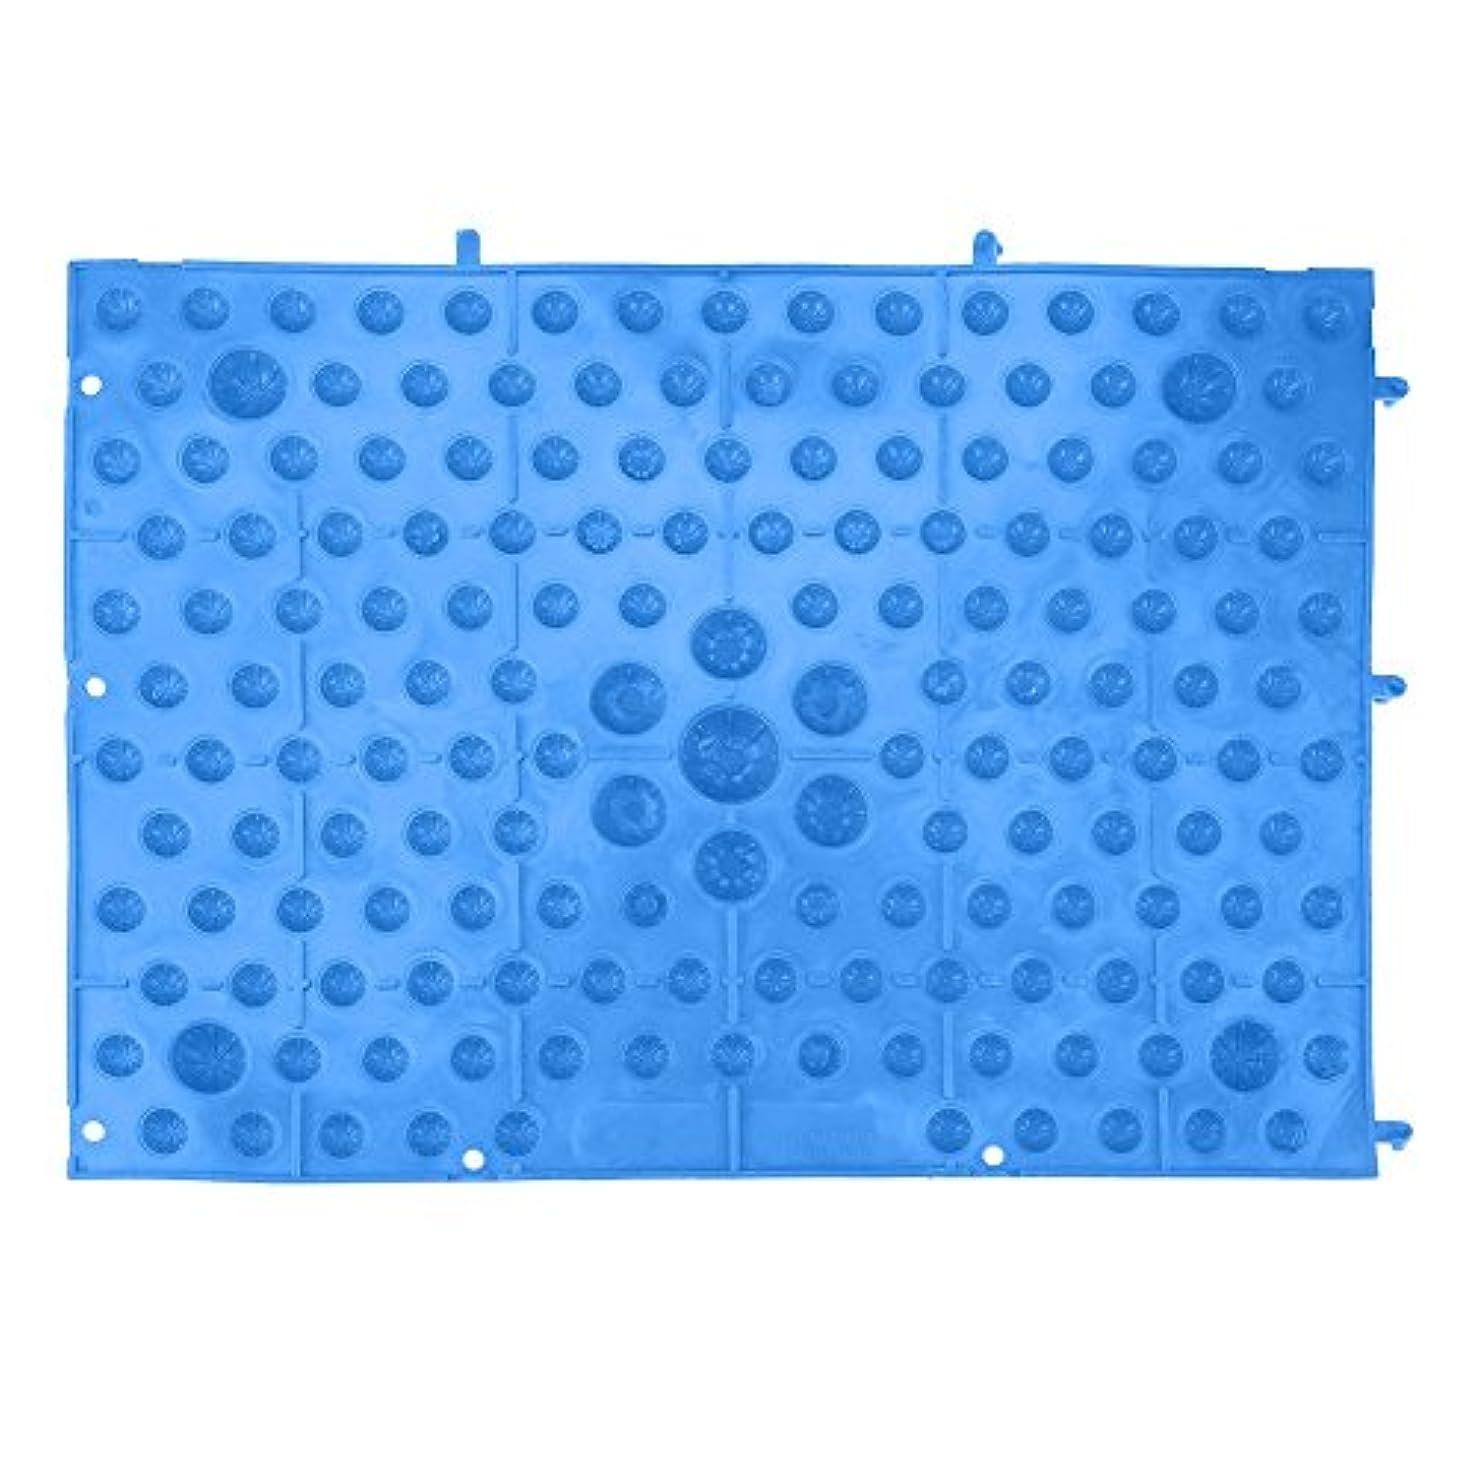 きらめくコスチュームトラフィックフットマッサージマット 足つぼマット 足踏み 足ツボ 指圧シート 足の圧力プレート ヘルスケアマッサージマット 血液循環を促進する 室内外 運動 余暇 全6色(ブルー)